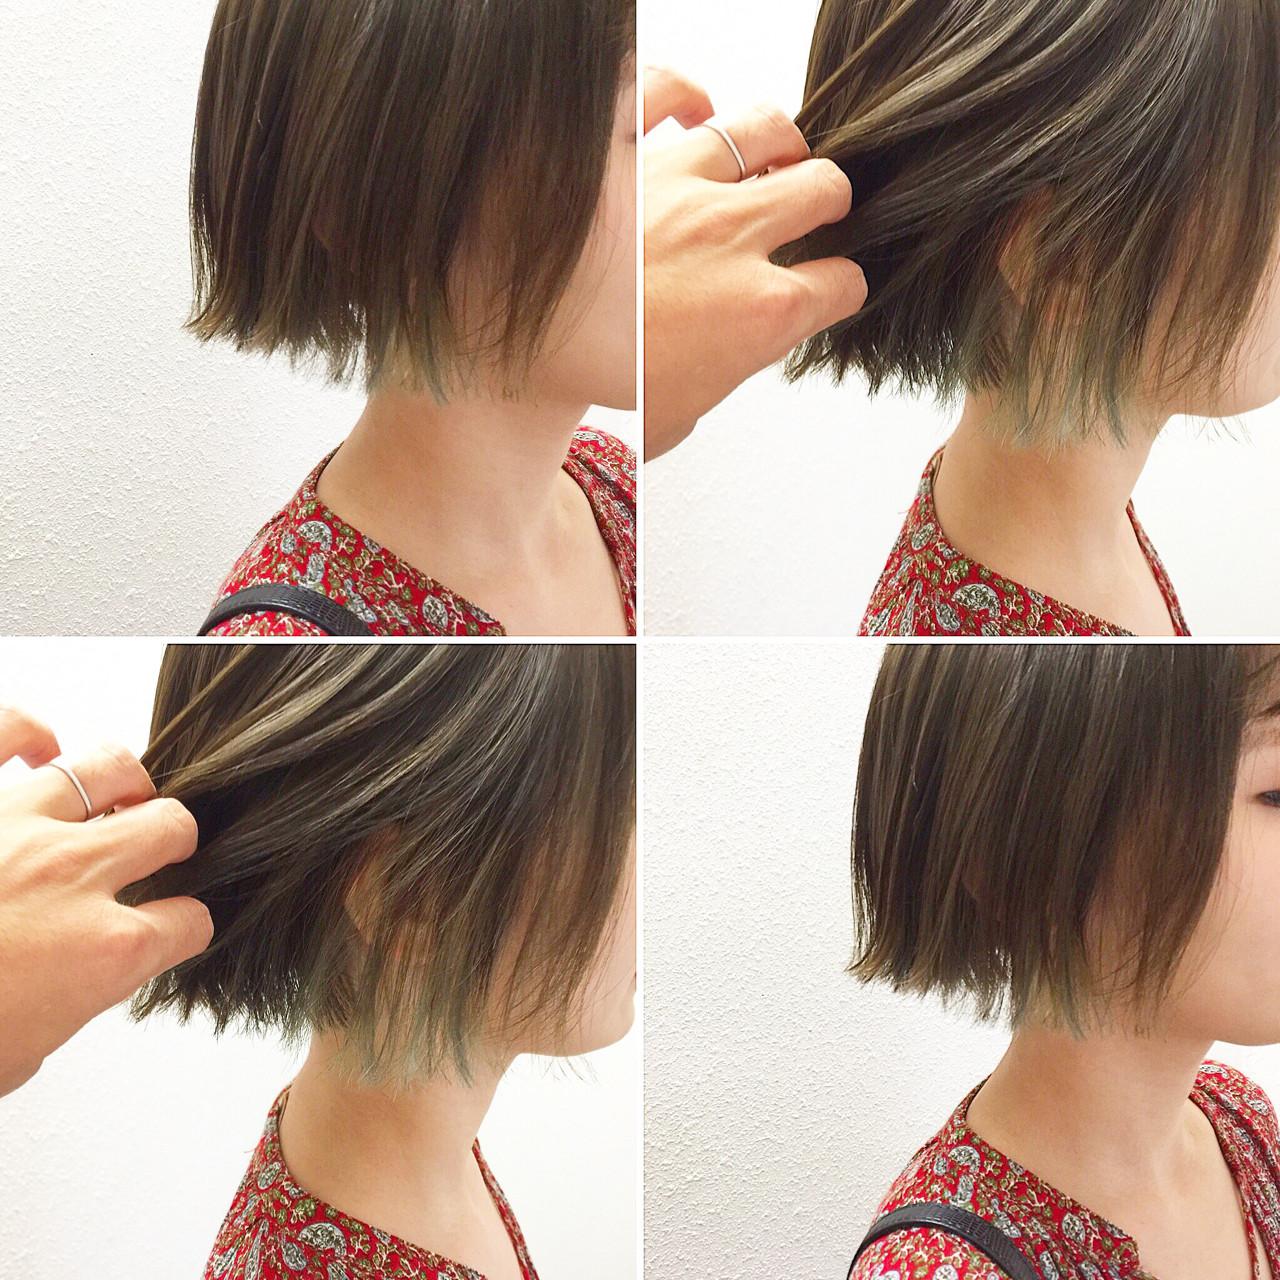 モード ボブ 抜け感 無造作 ヘアスタイルや髪型の写真・画像